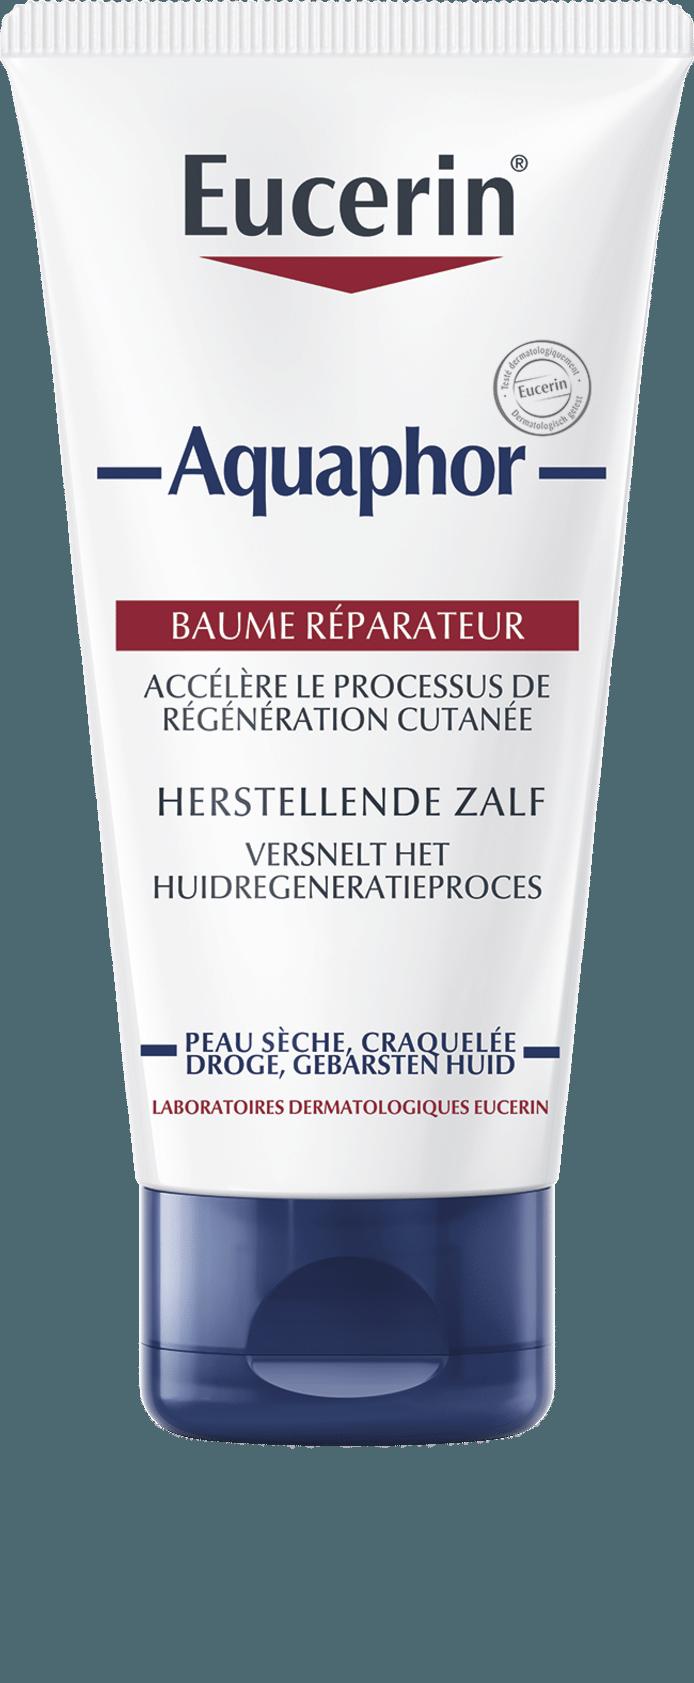 Disponible en pharmacie et parapharmacie.